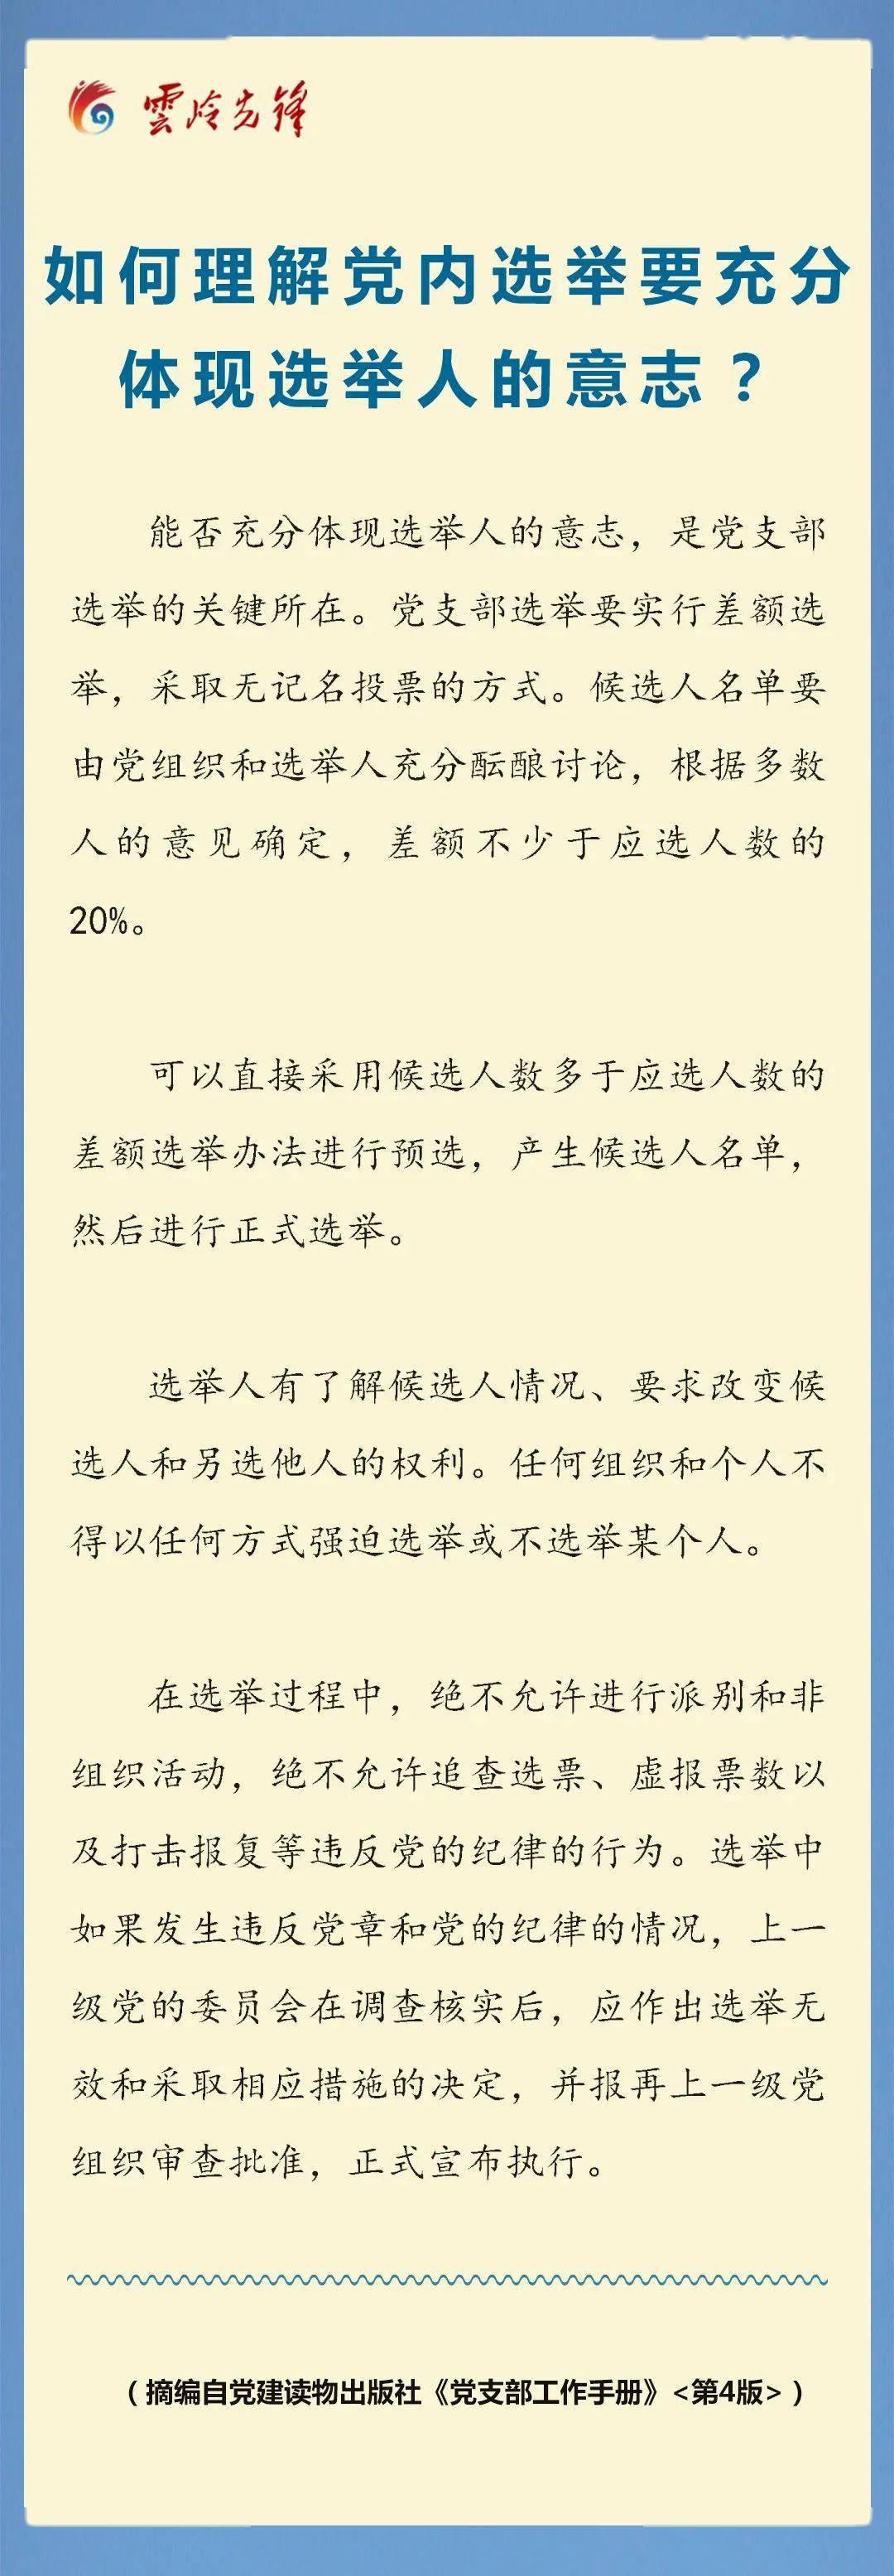 """【先锋课堂】如何明白党内选举要充实体现选举人的意志?""""e星体育app""""(图1)"""